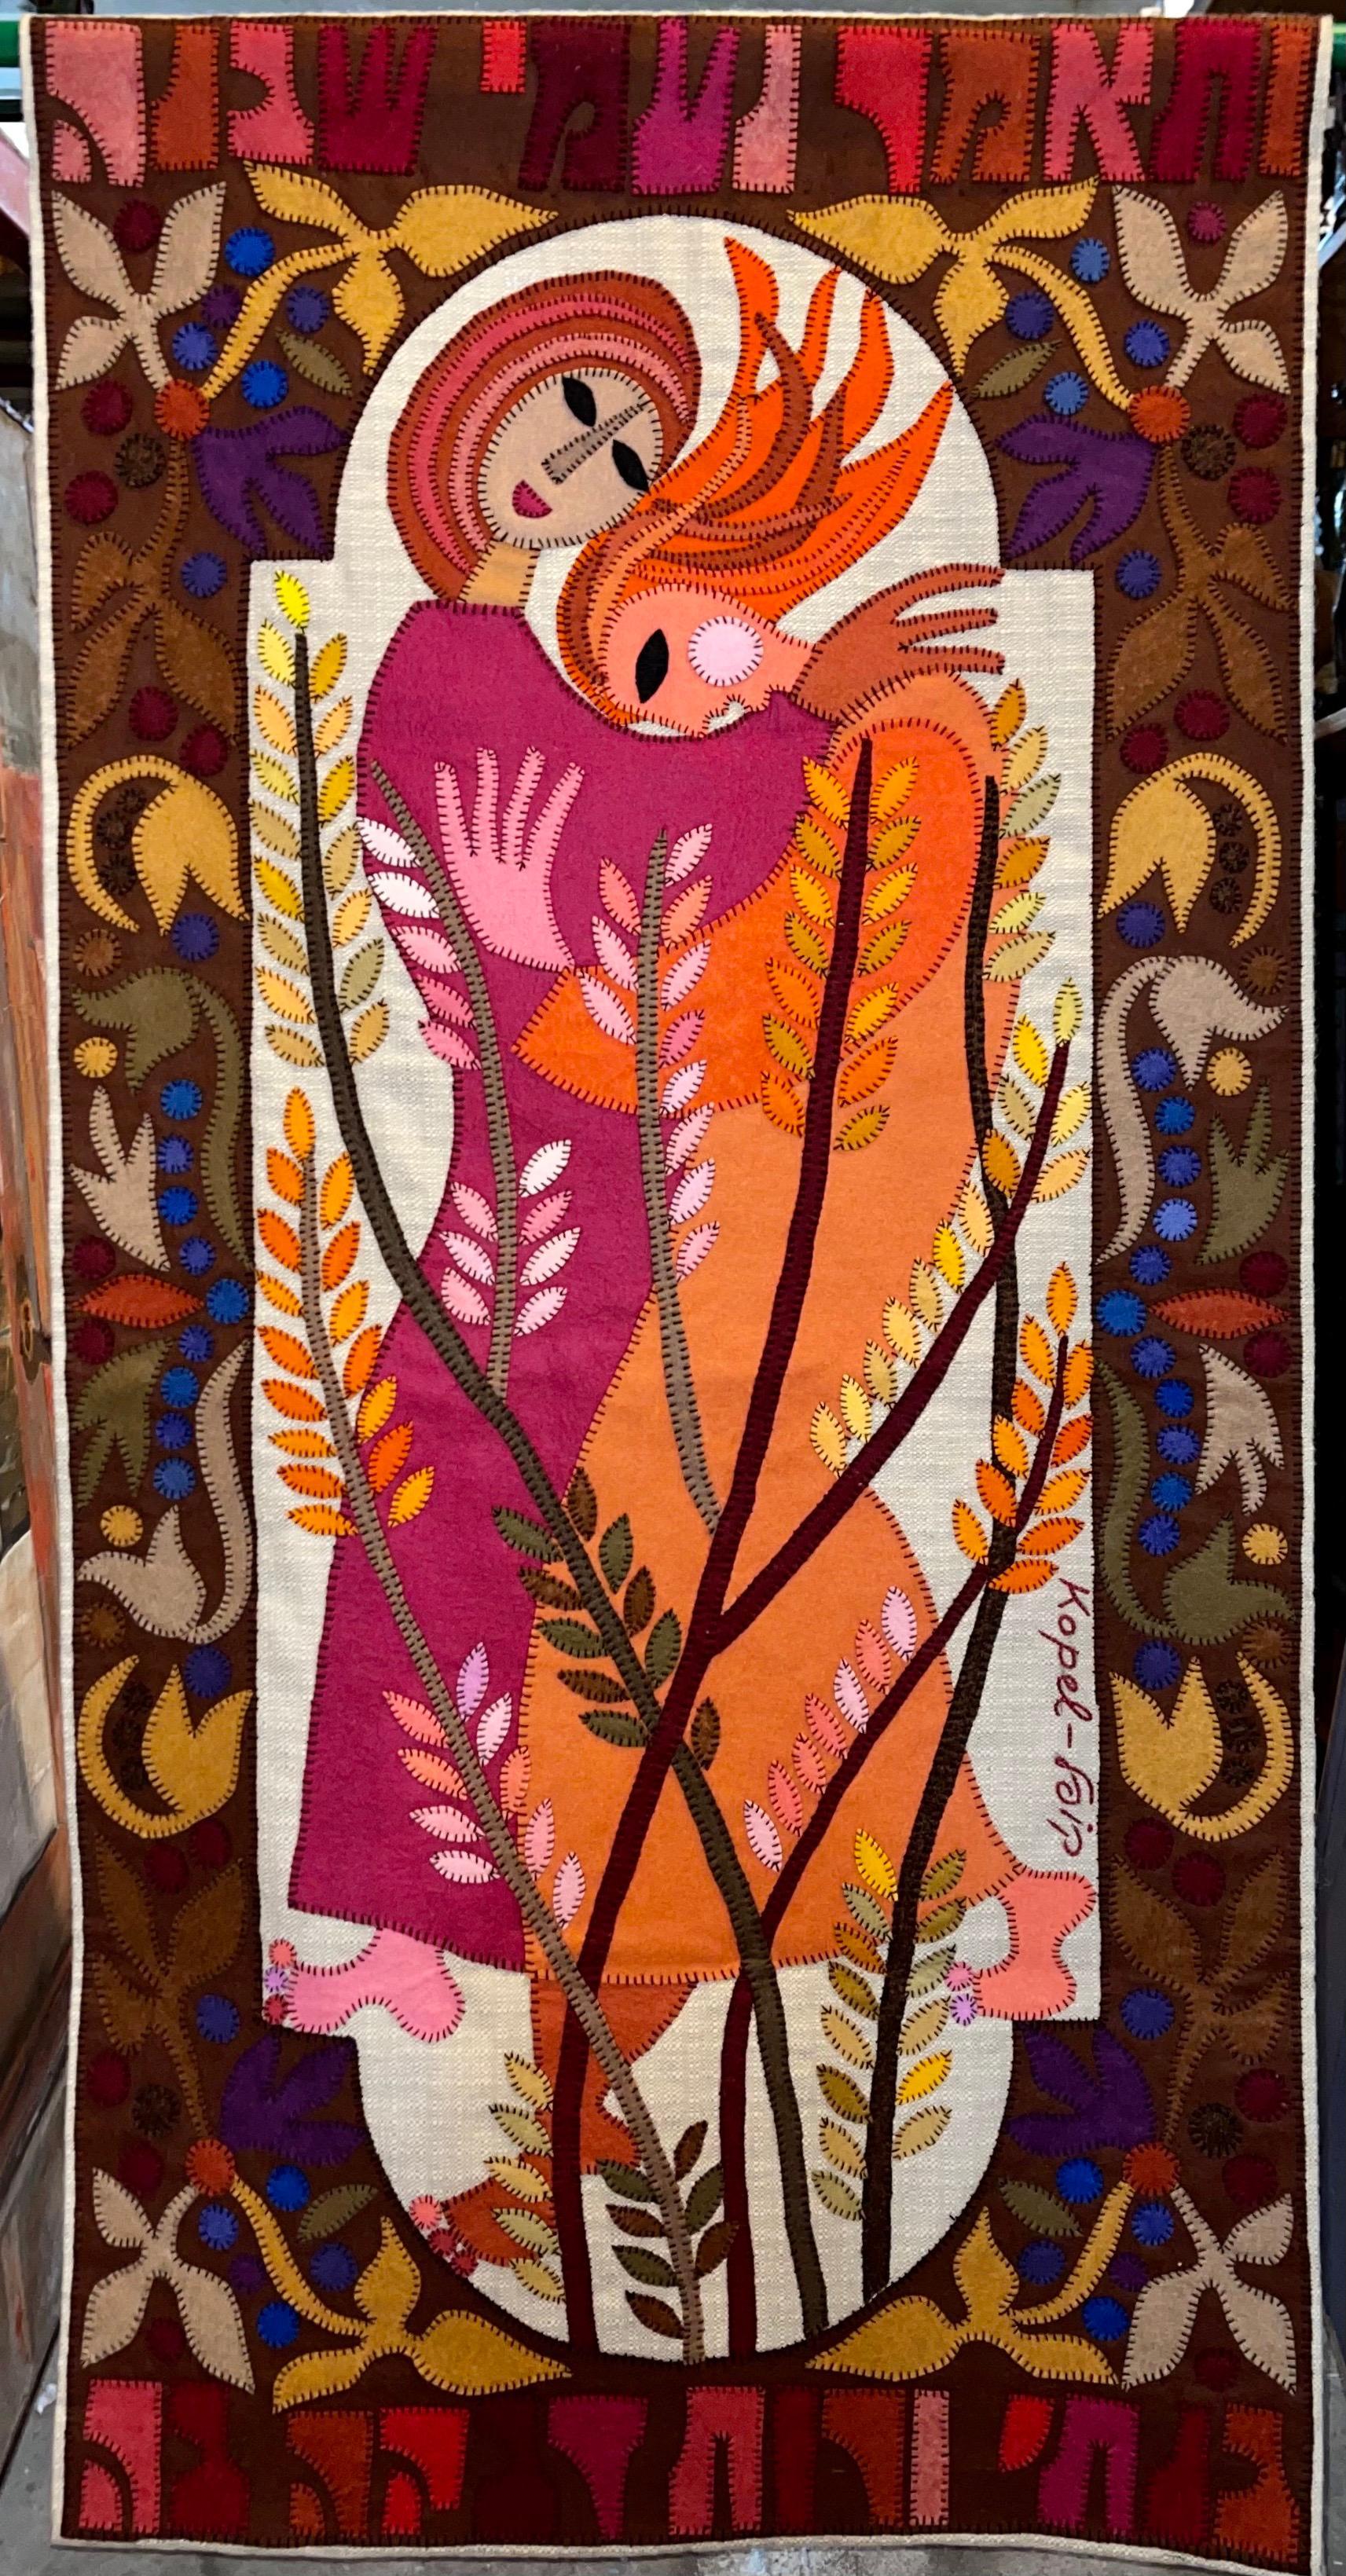 Wool Felt Applique Handmade Kopel Gurwin Israel Judaica Folk Art Signed Tapestry